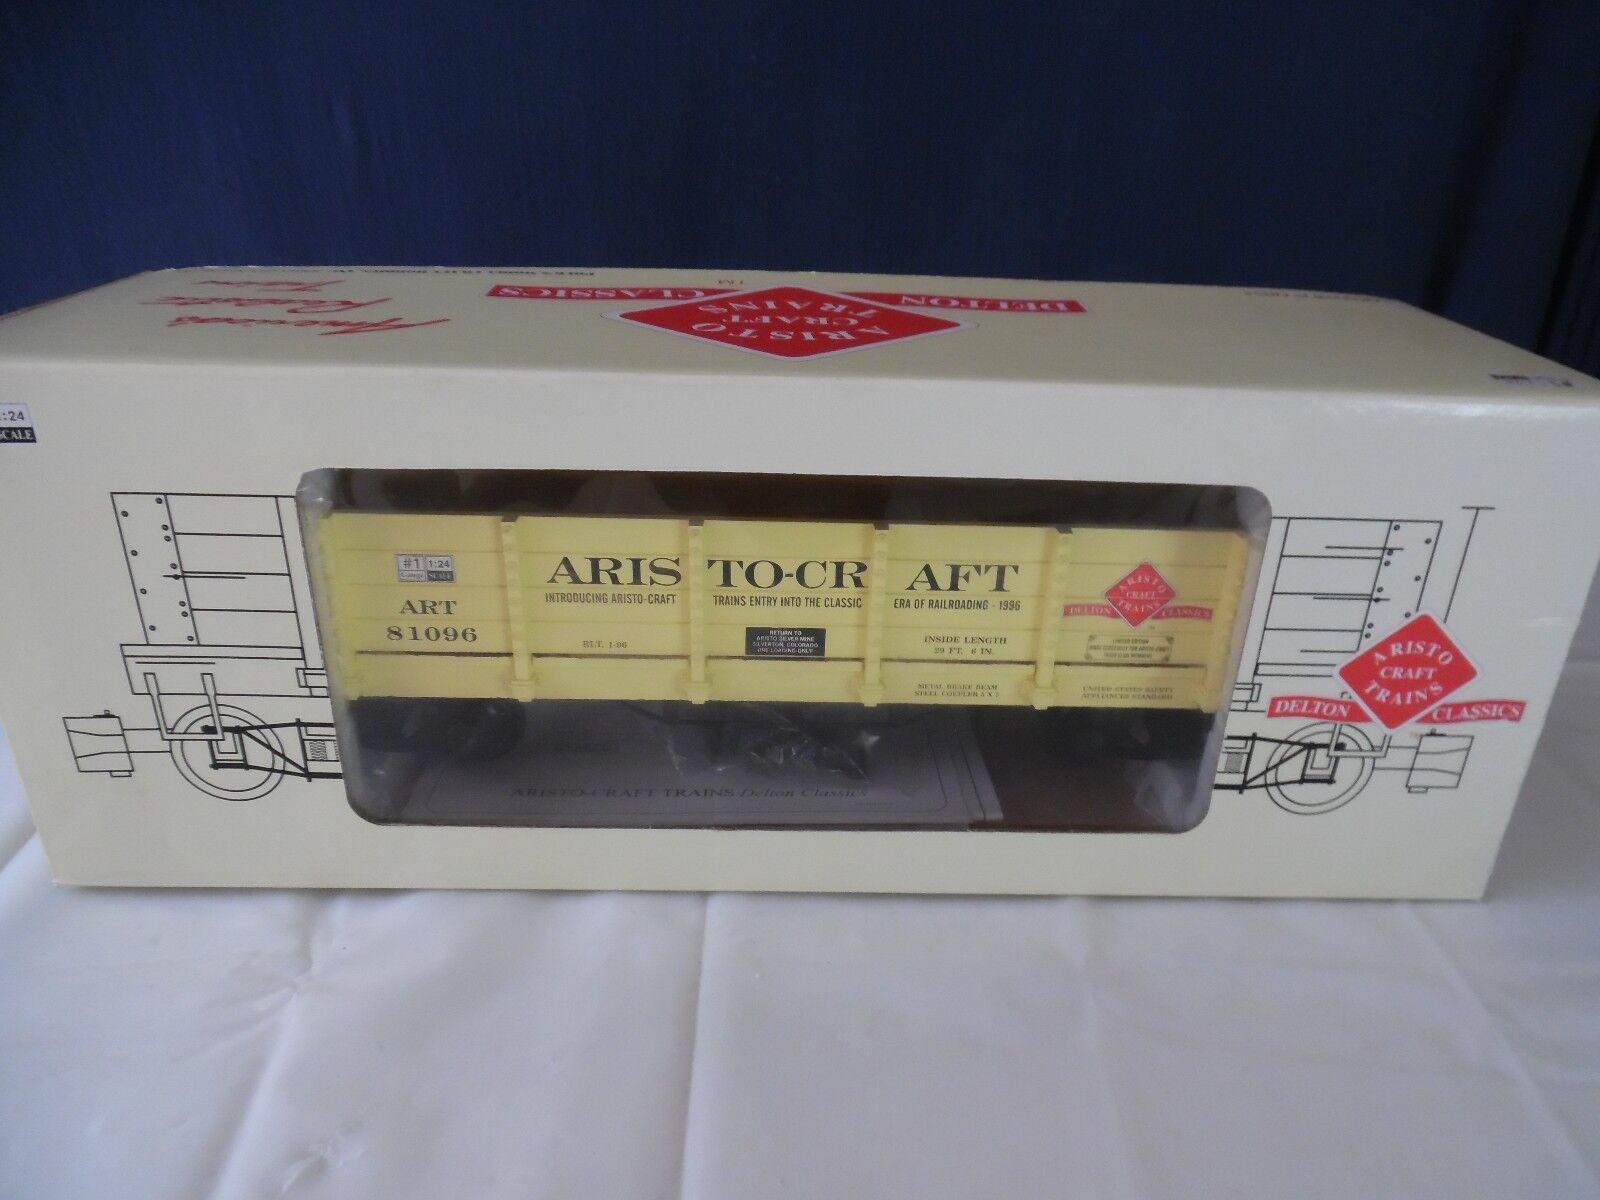 ARISTO-CRAFT ART-81096 WOOD GONDOLA, ARISTO CLUB CAR 1996 Limited Edition